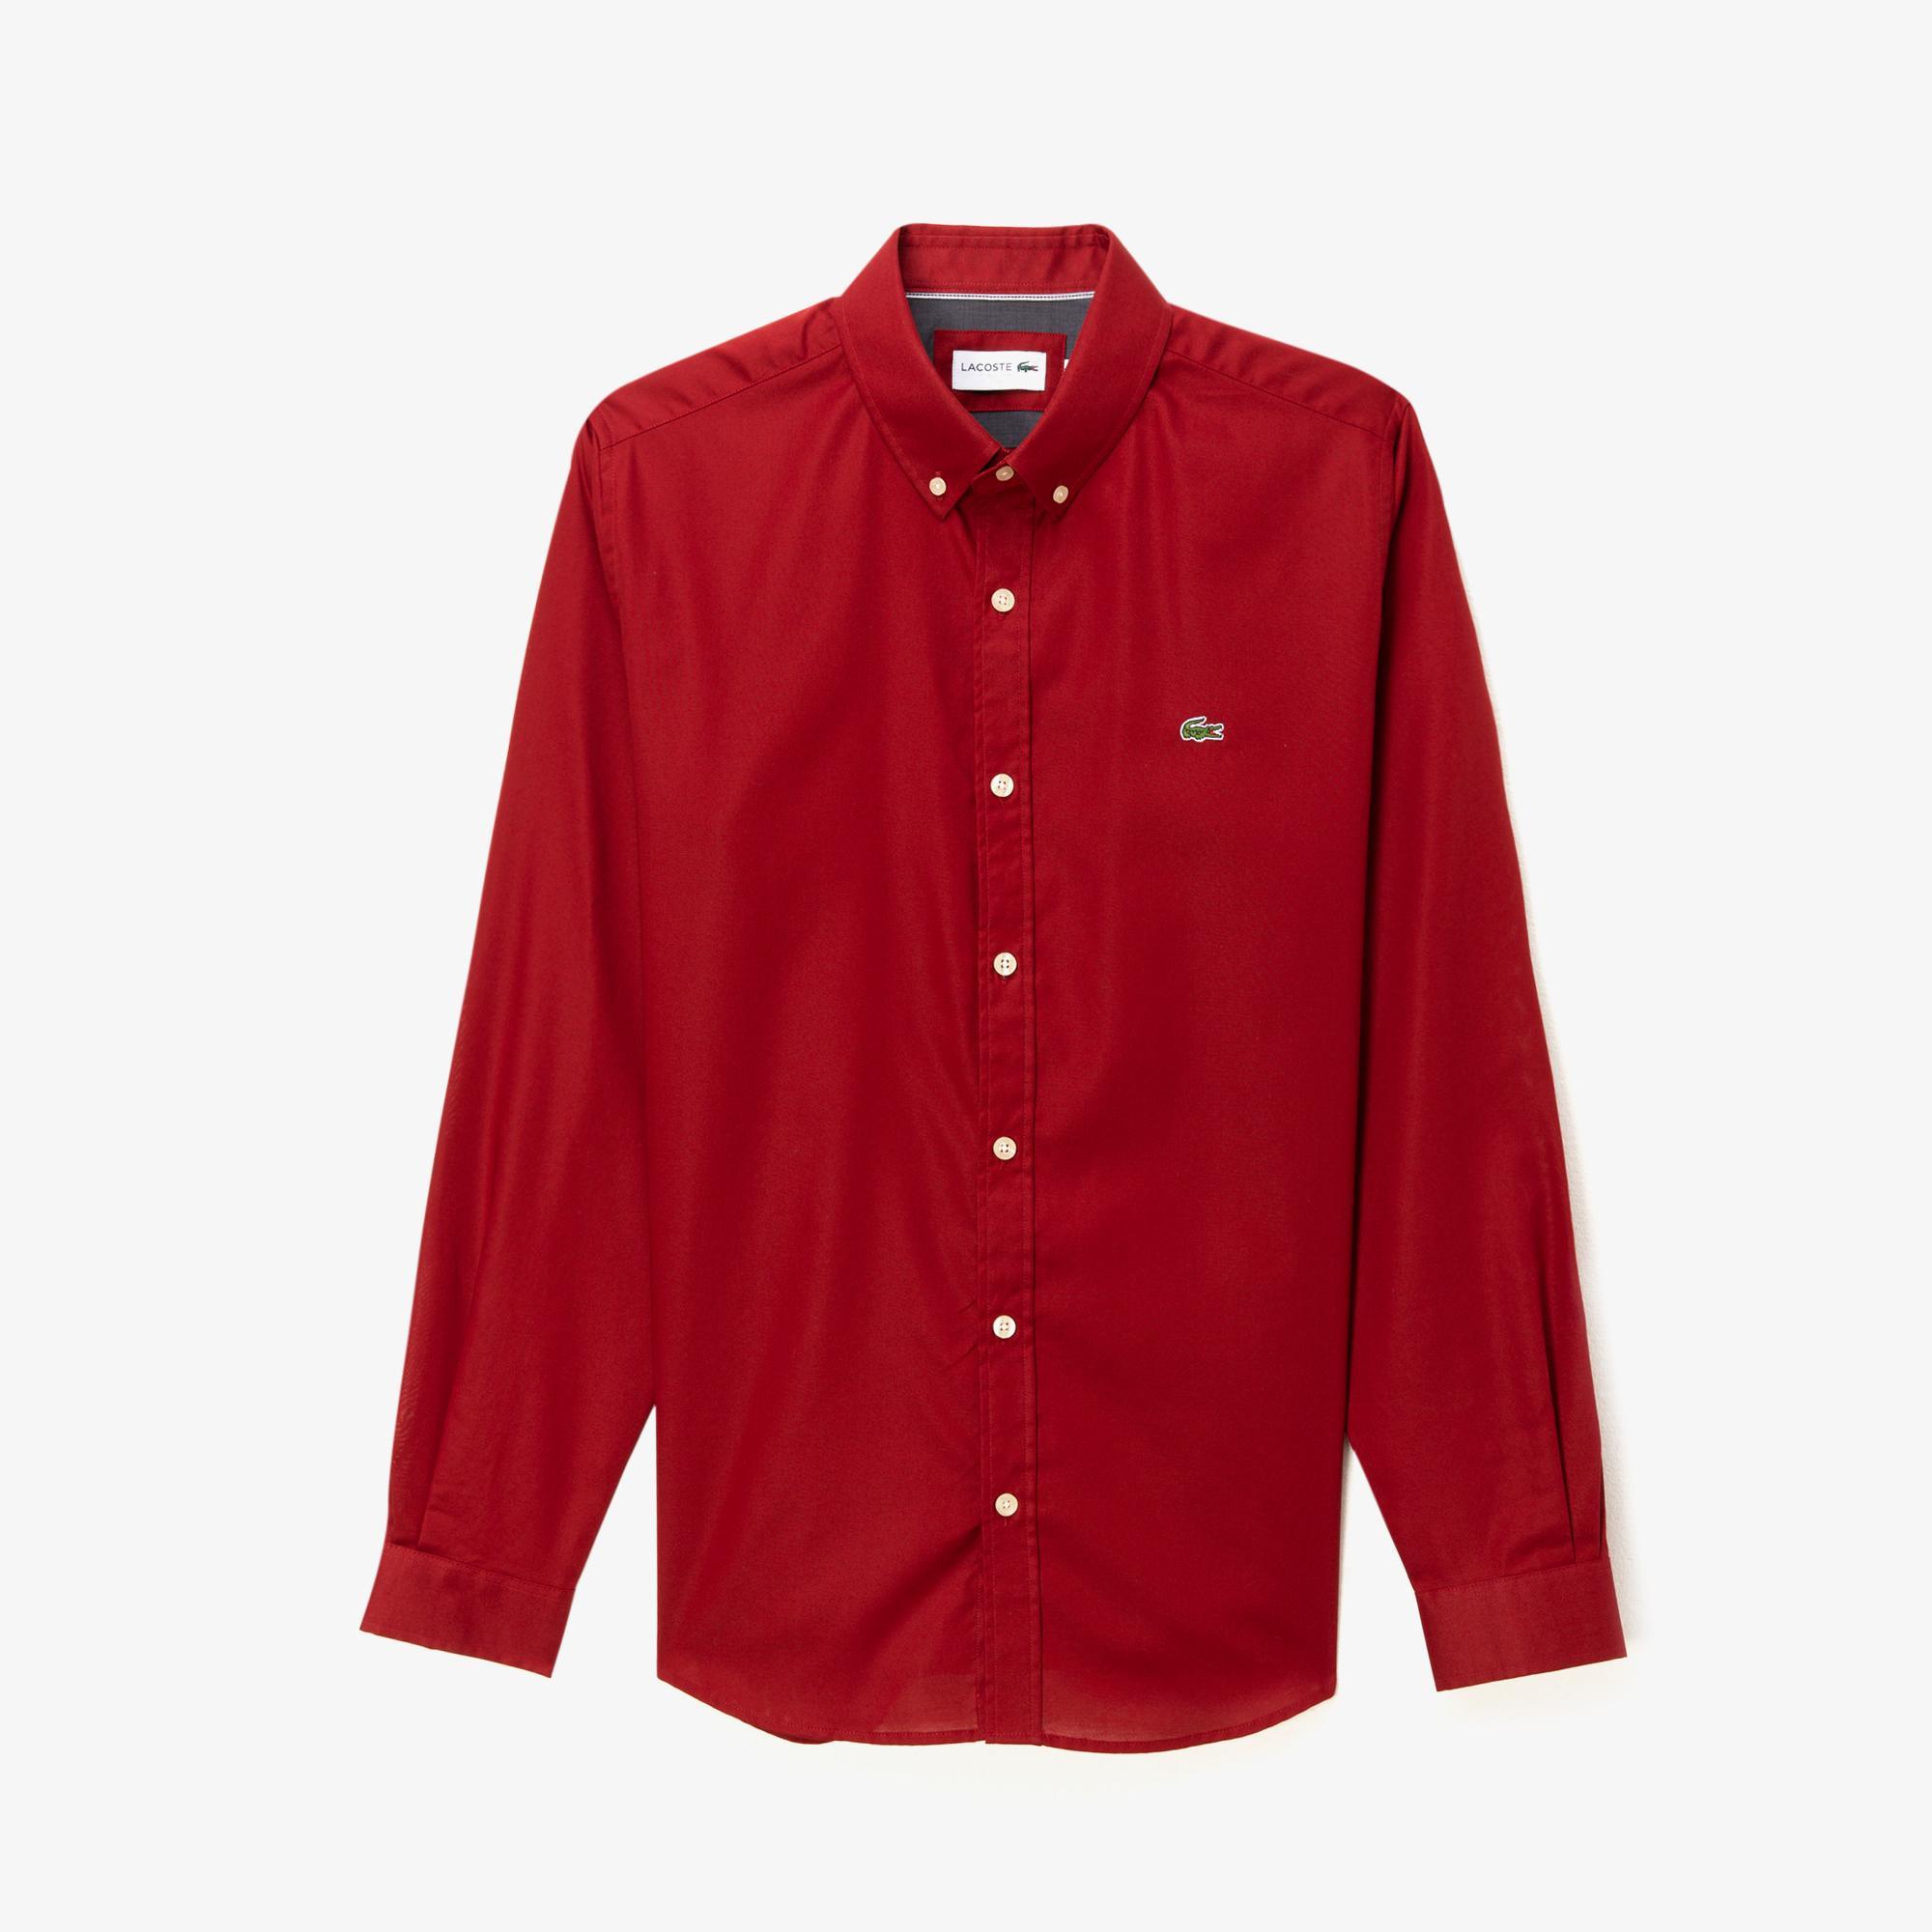 Lacoste Erkek Regular Fit Kırmızı Gömlek